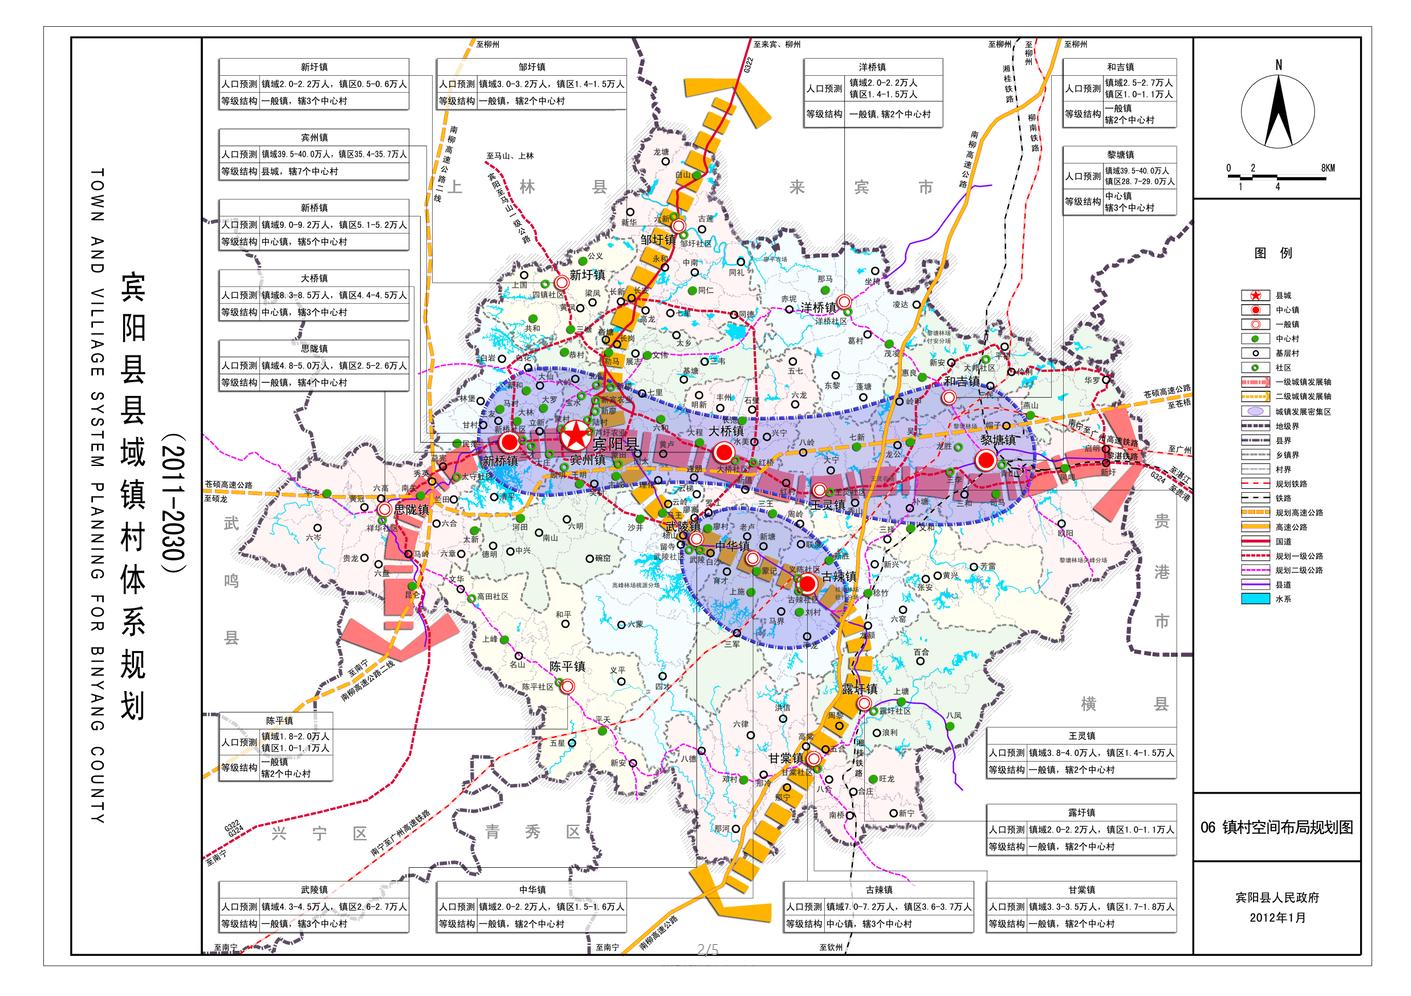 安徽繁昌县未来规划图